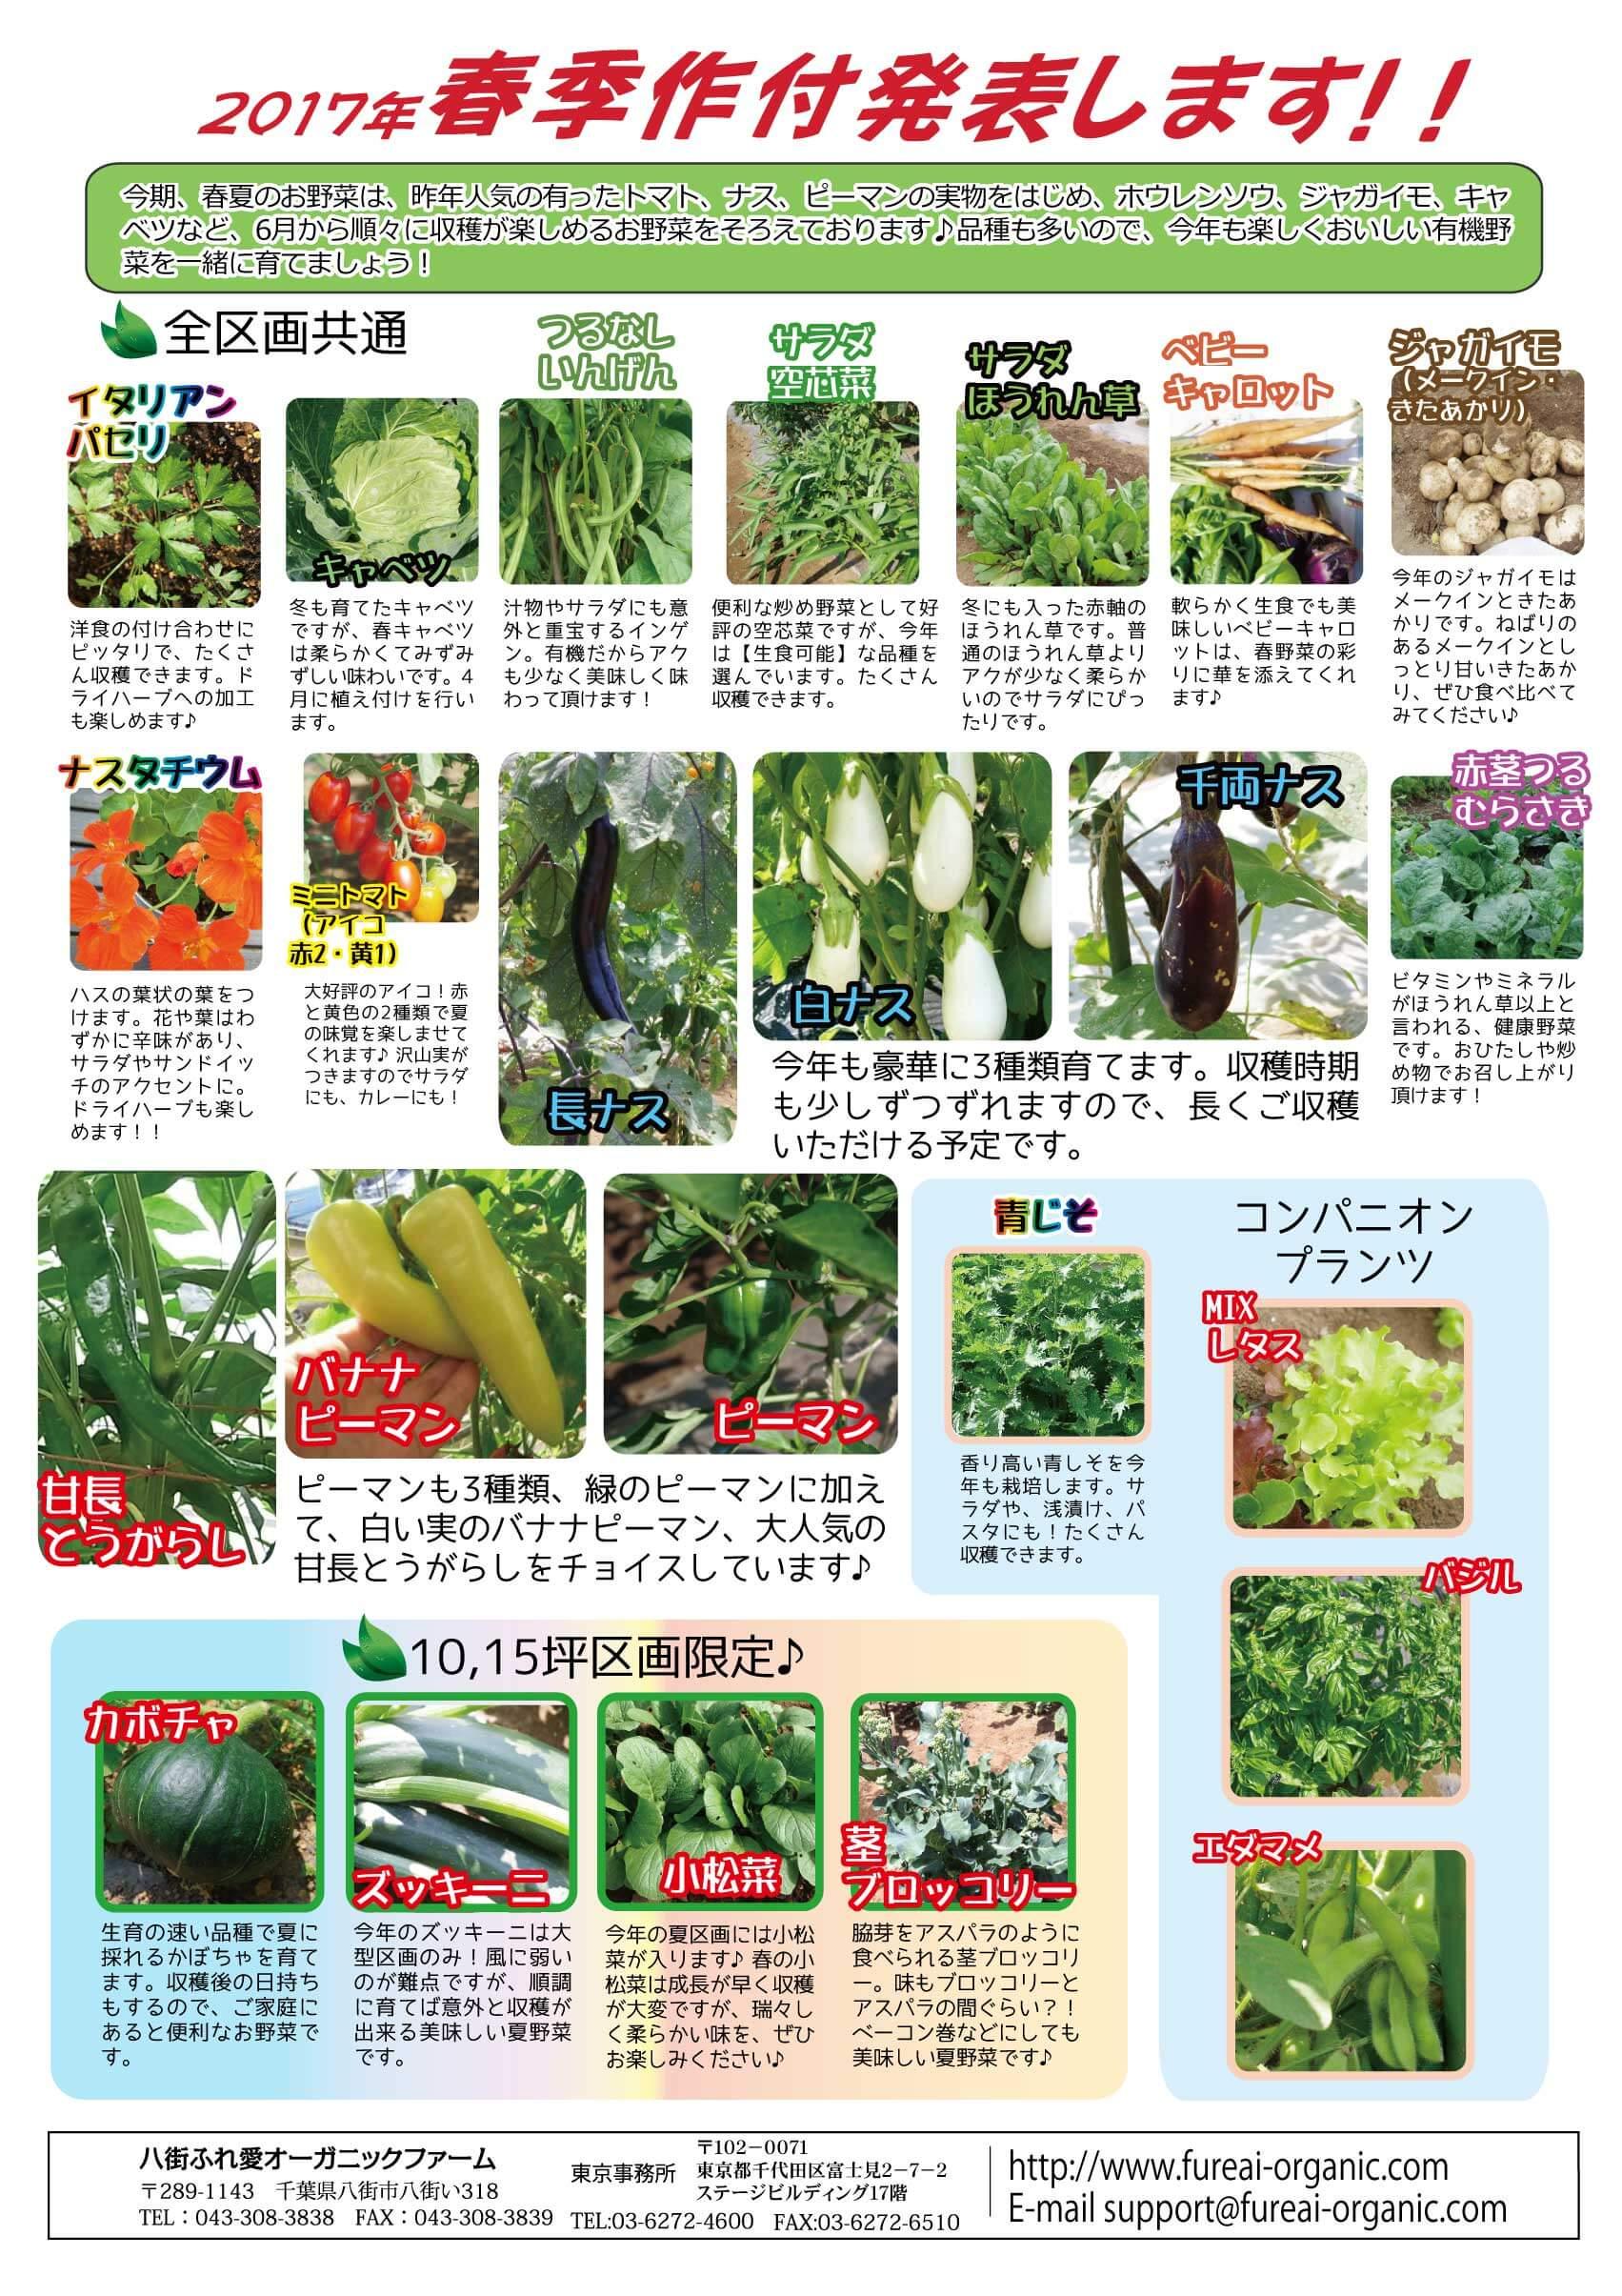 2017年春季作付け発表します!今期、春夏のお野菜は昨年人気のあったトマト、ナス、ピーマンの実物をはじめ、ホウレンソウ、ジャガイモ、キャベツなど、6月から順々に収穫が楽しめるお野菜をそろえております。品種も多いので、今年も楽しくおいしい有機野菜を一緒に育てましょう!